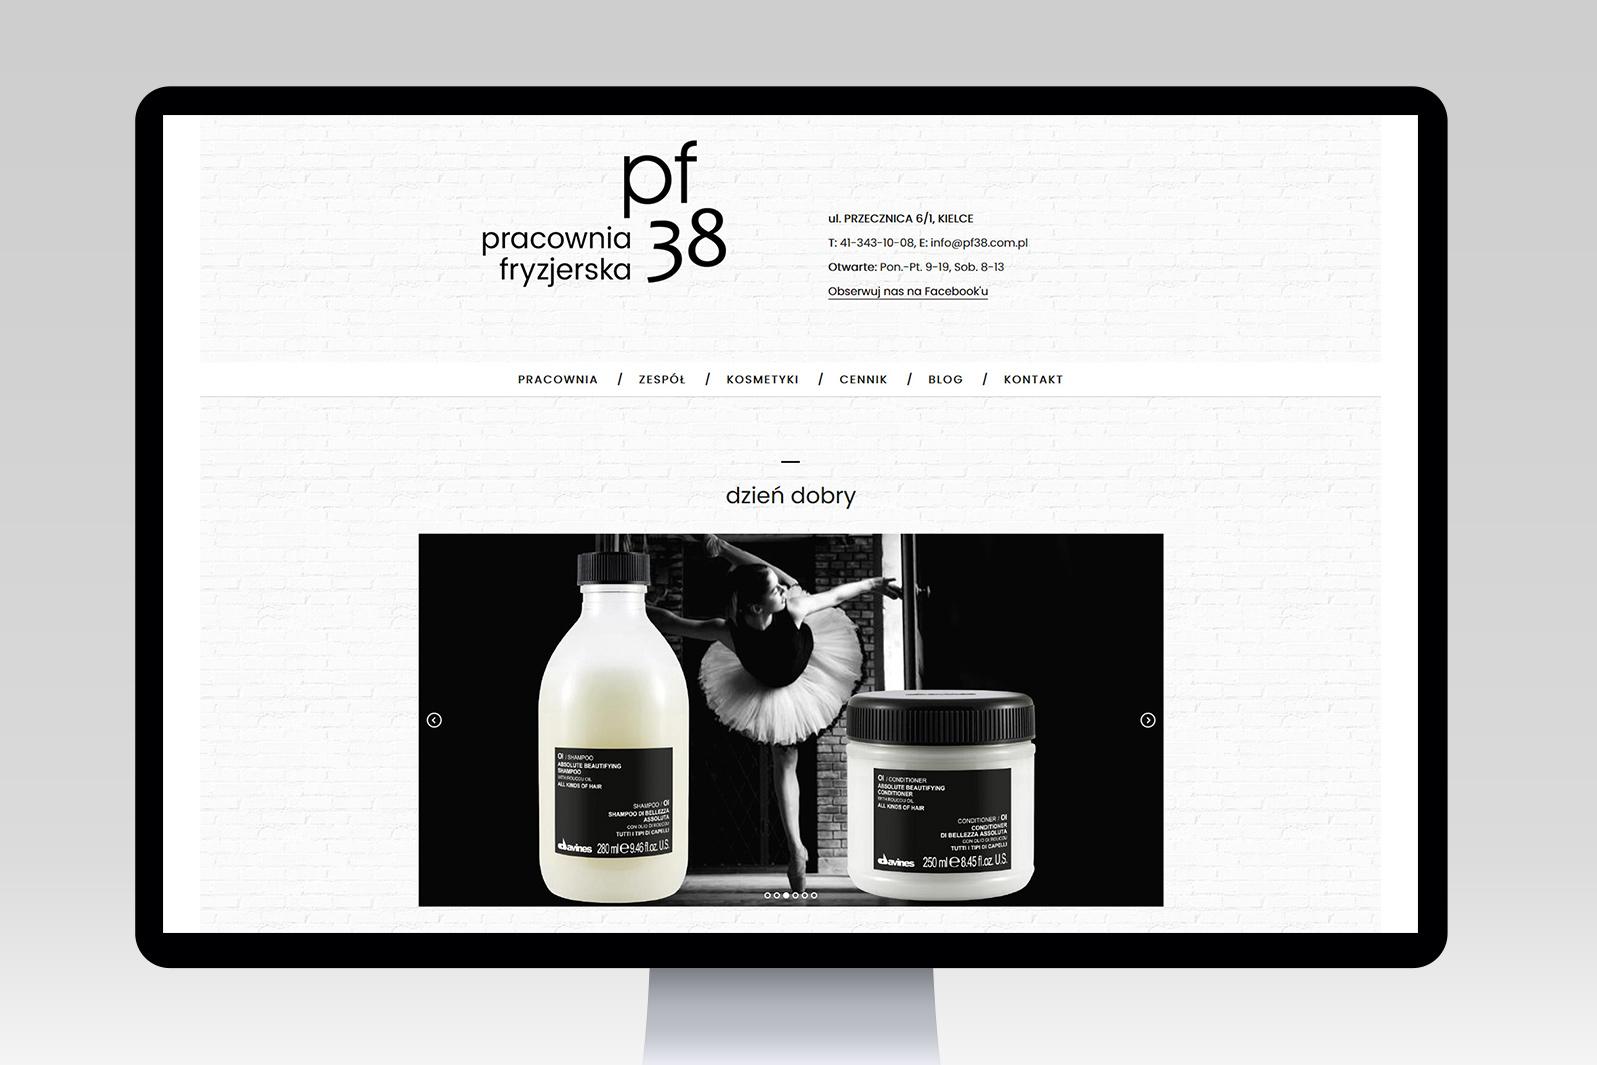 Projekt iwdrożenie responsywnej strony internetowej dla salonu fryzjerskiego pf38